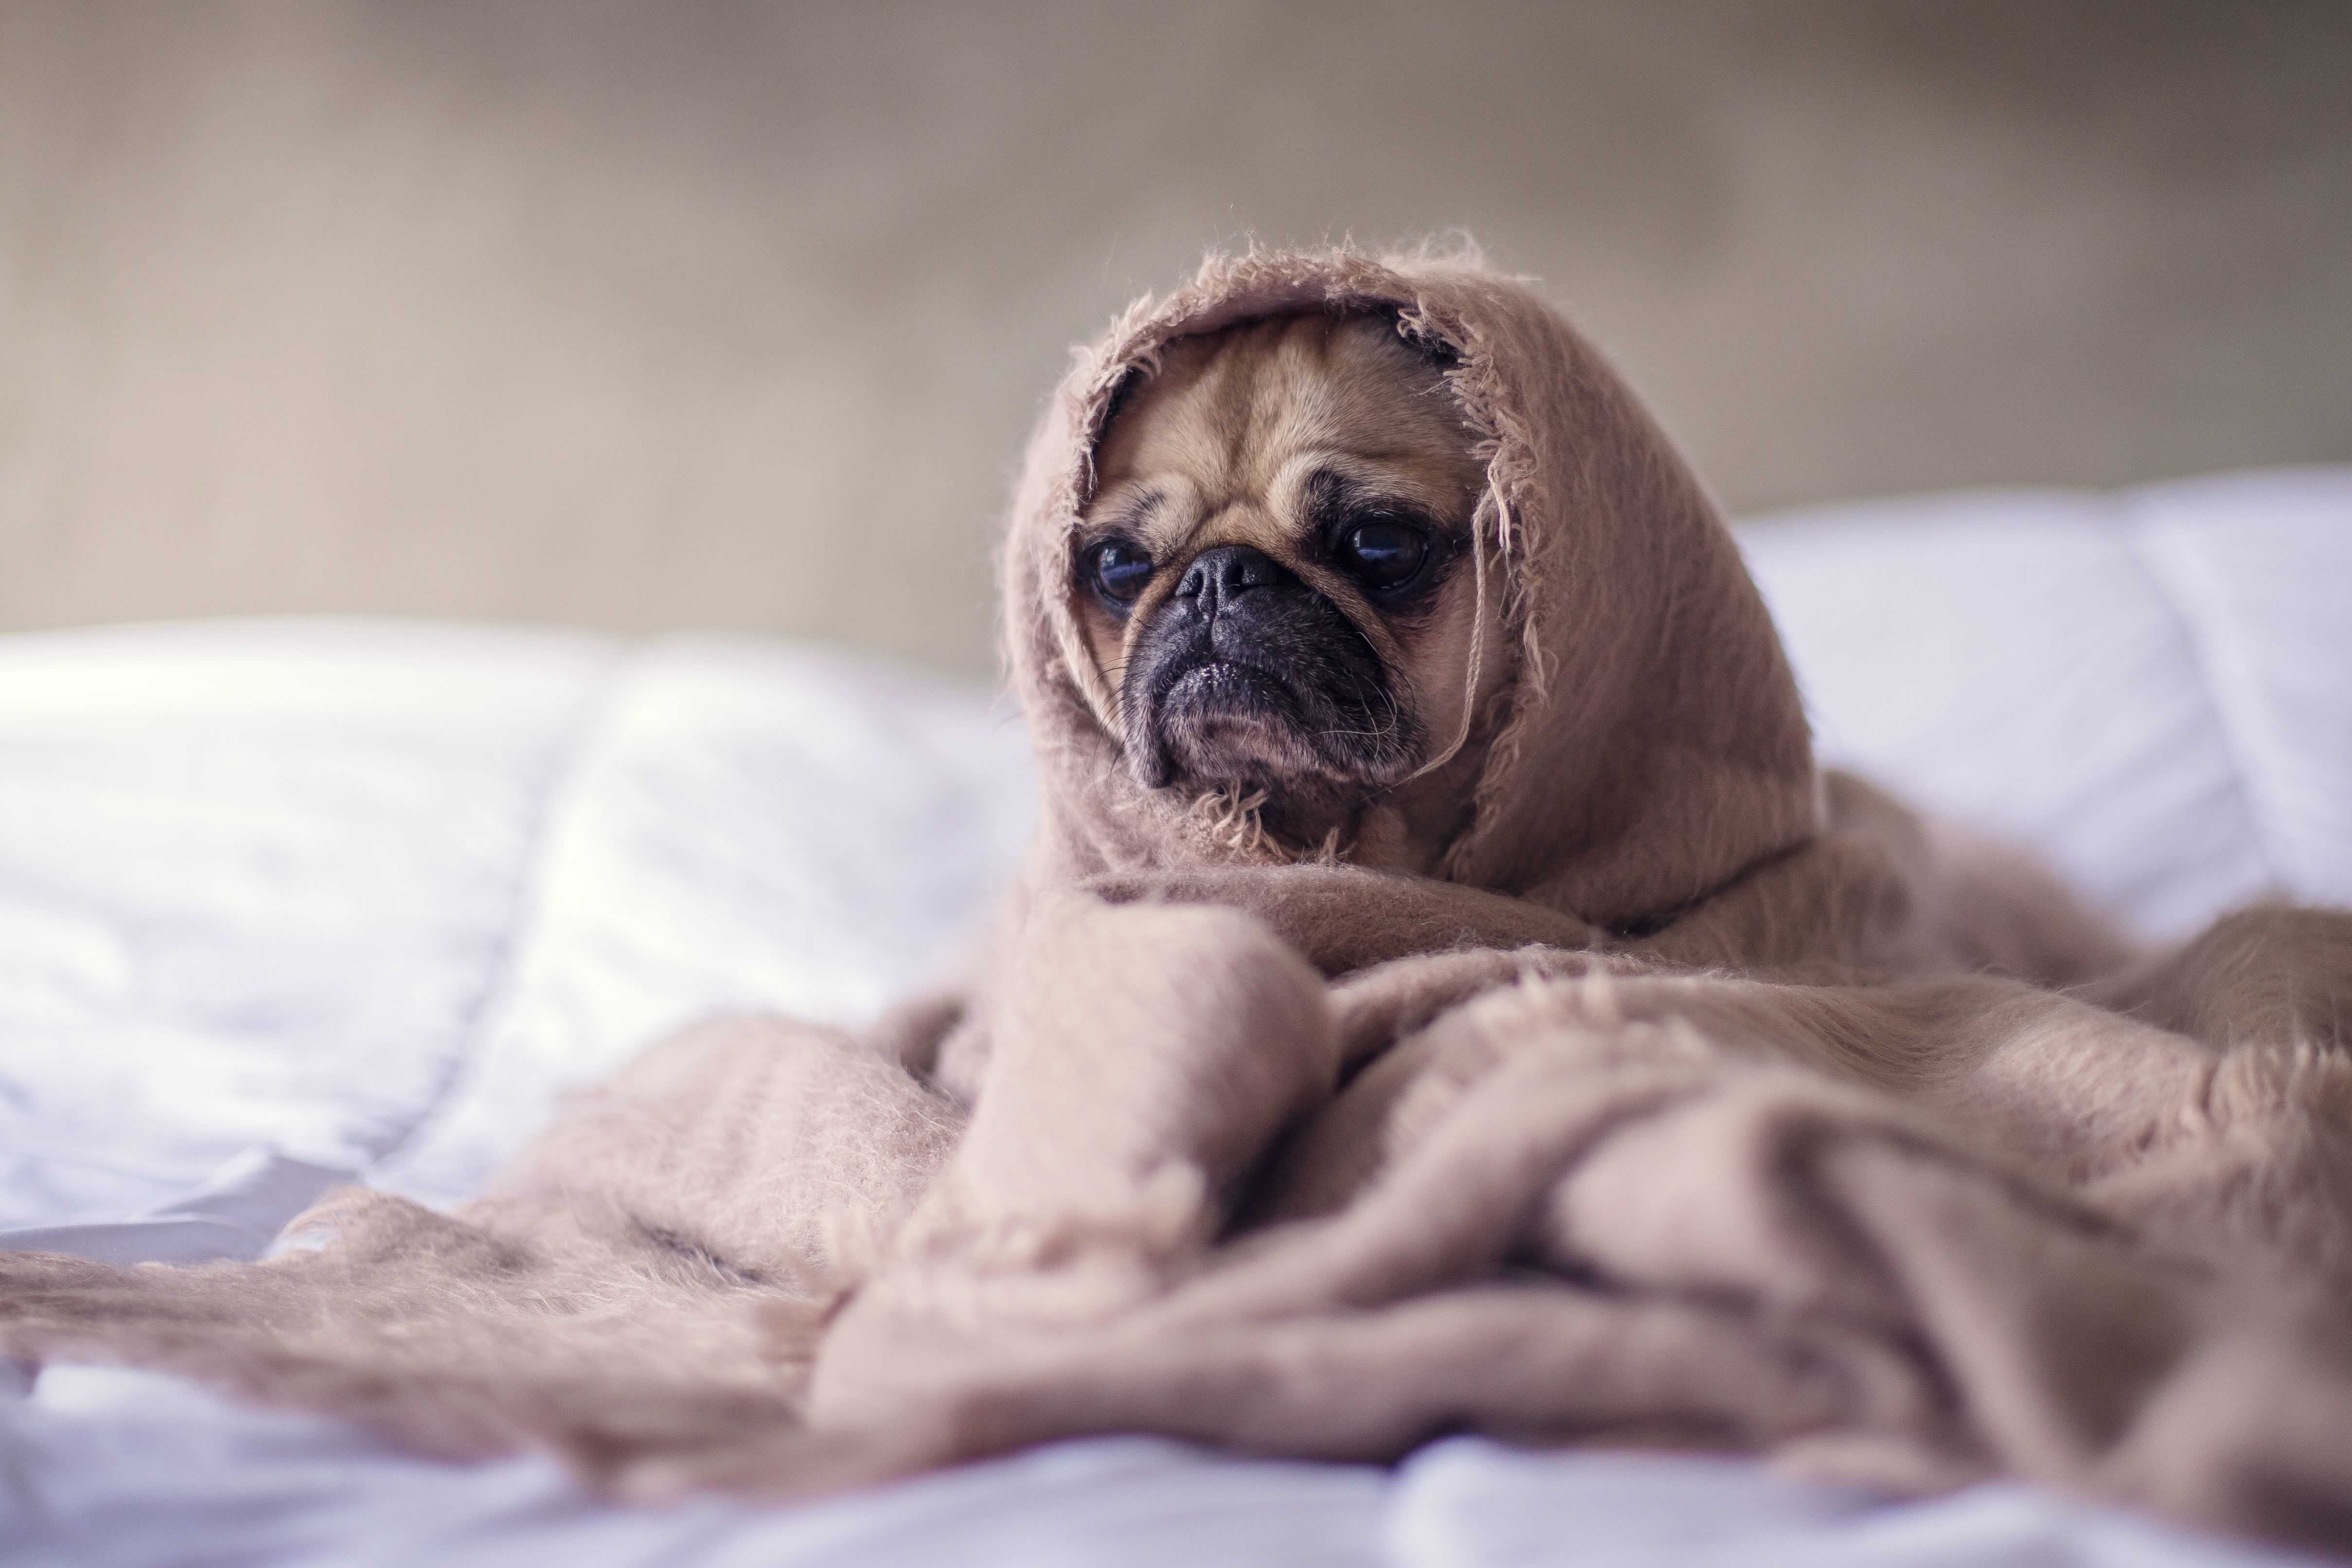 Kostenlose Bild: haustier, niedlich, hund, schlafen, hunde ...